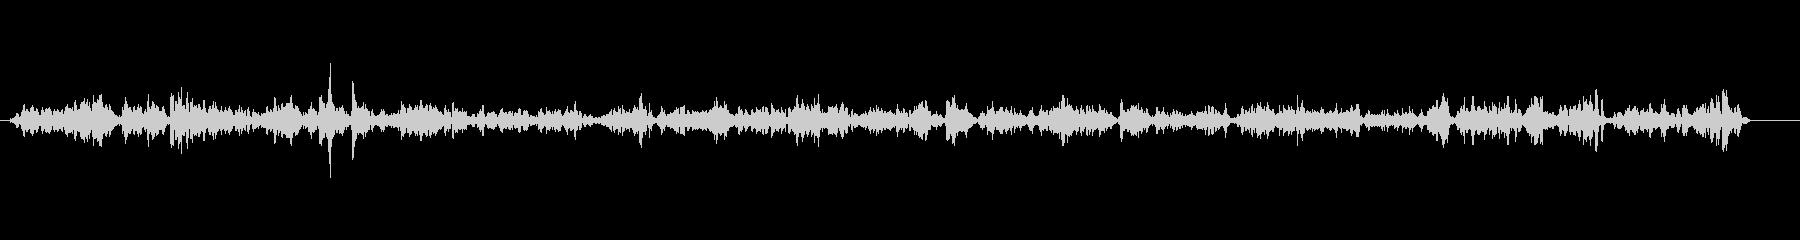 レストラン-静か-声の未再生の波形